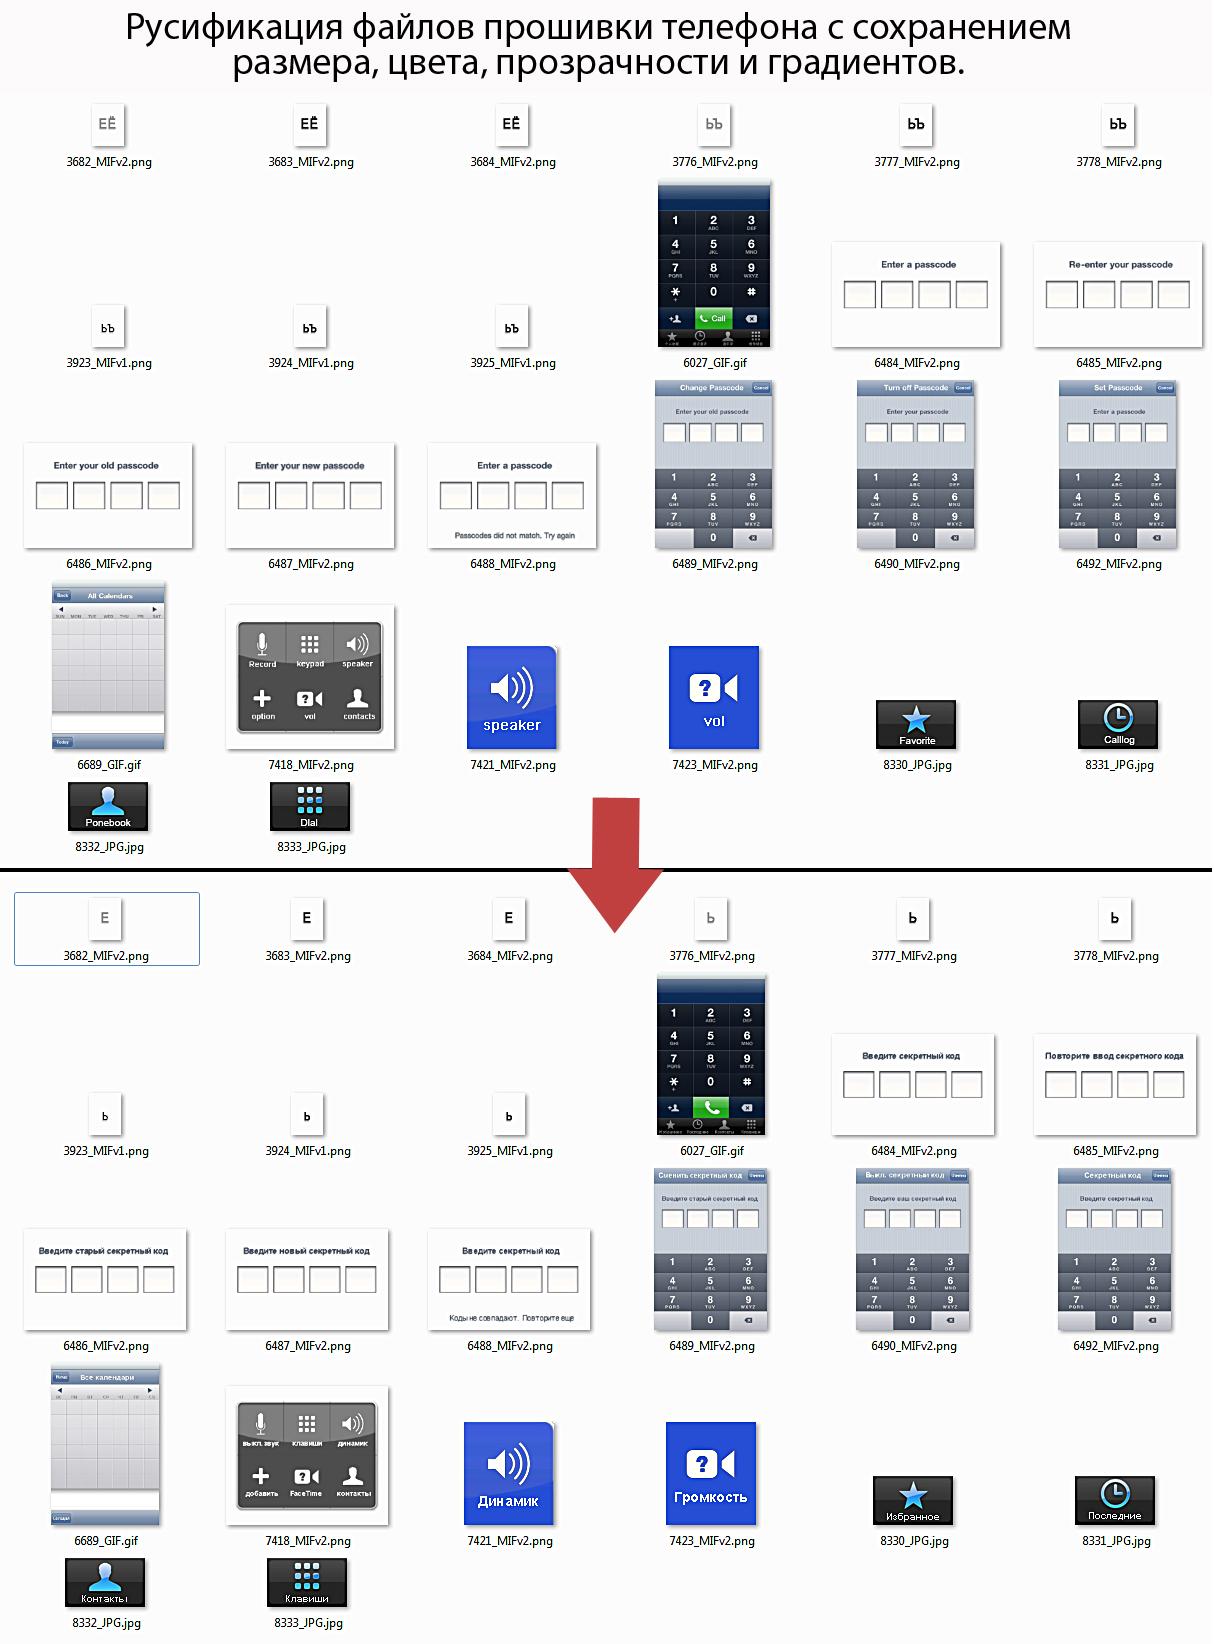 Подготовка изображений для прошивки в iPhone